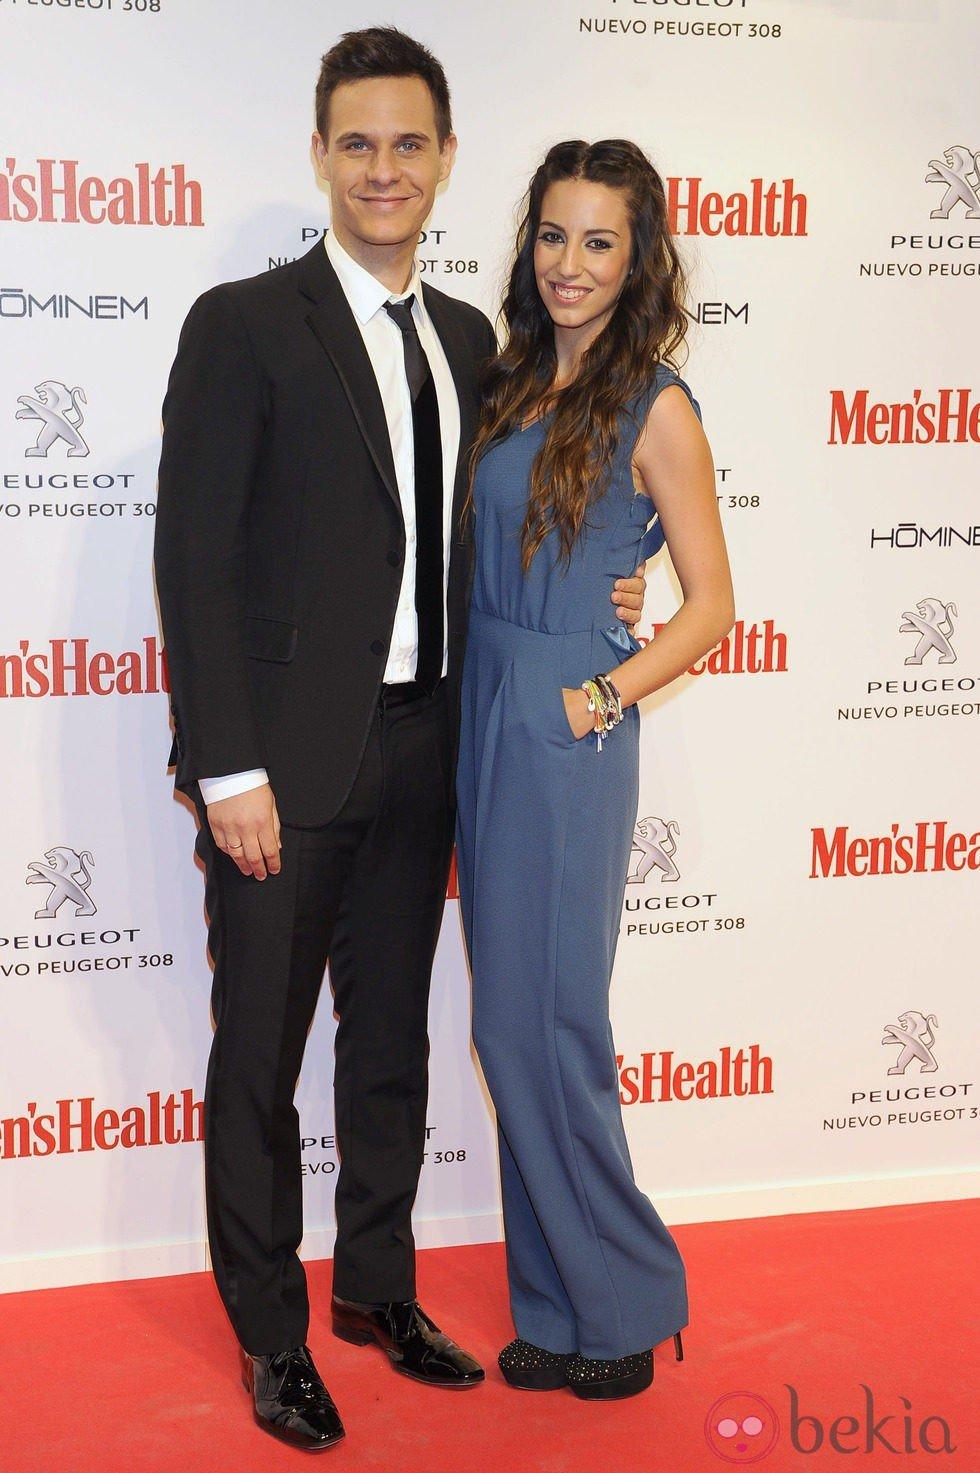 Christian Gálvez y Almudena Cid en los Premios Men's Health Hombres del Año 2013